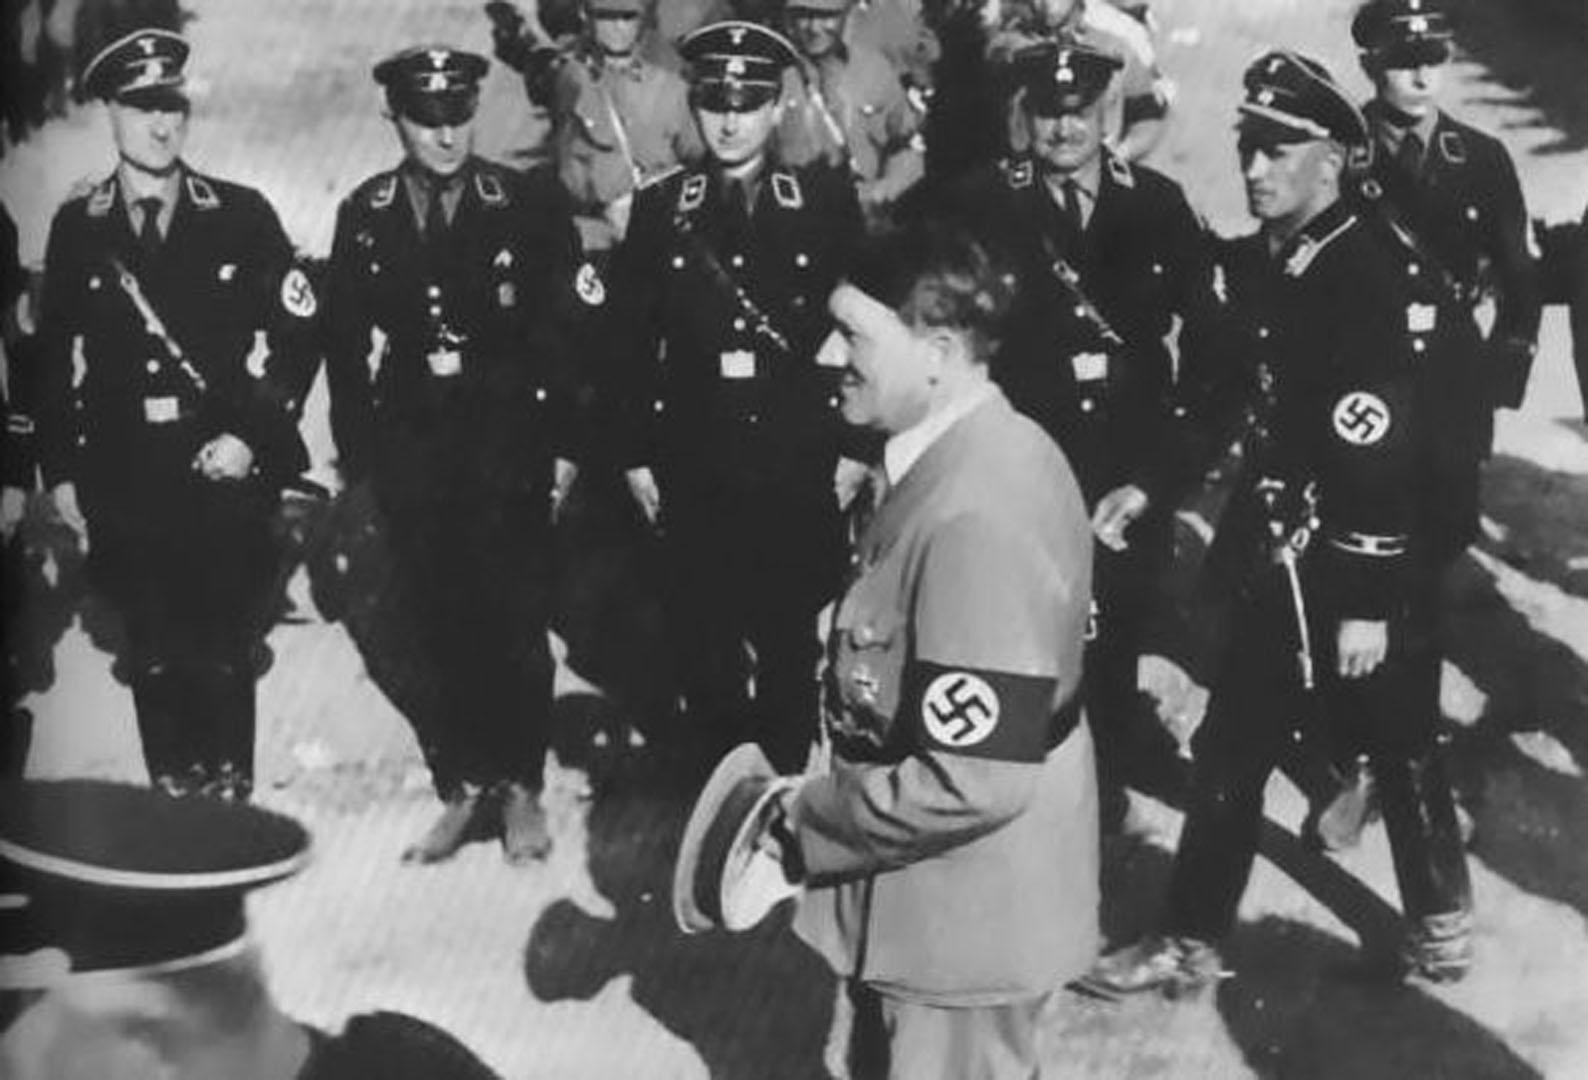 Nazi Third Reich Hitler Inspecting Group Of Allgemeine Ss Soldiers